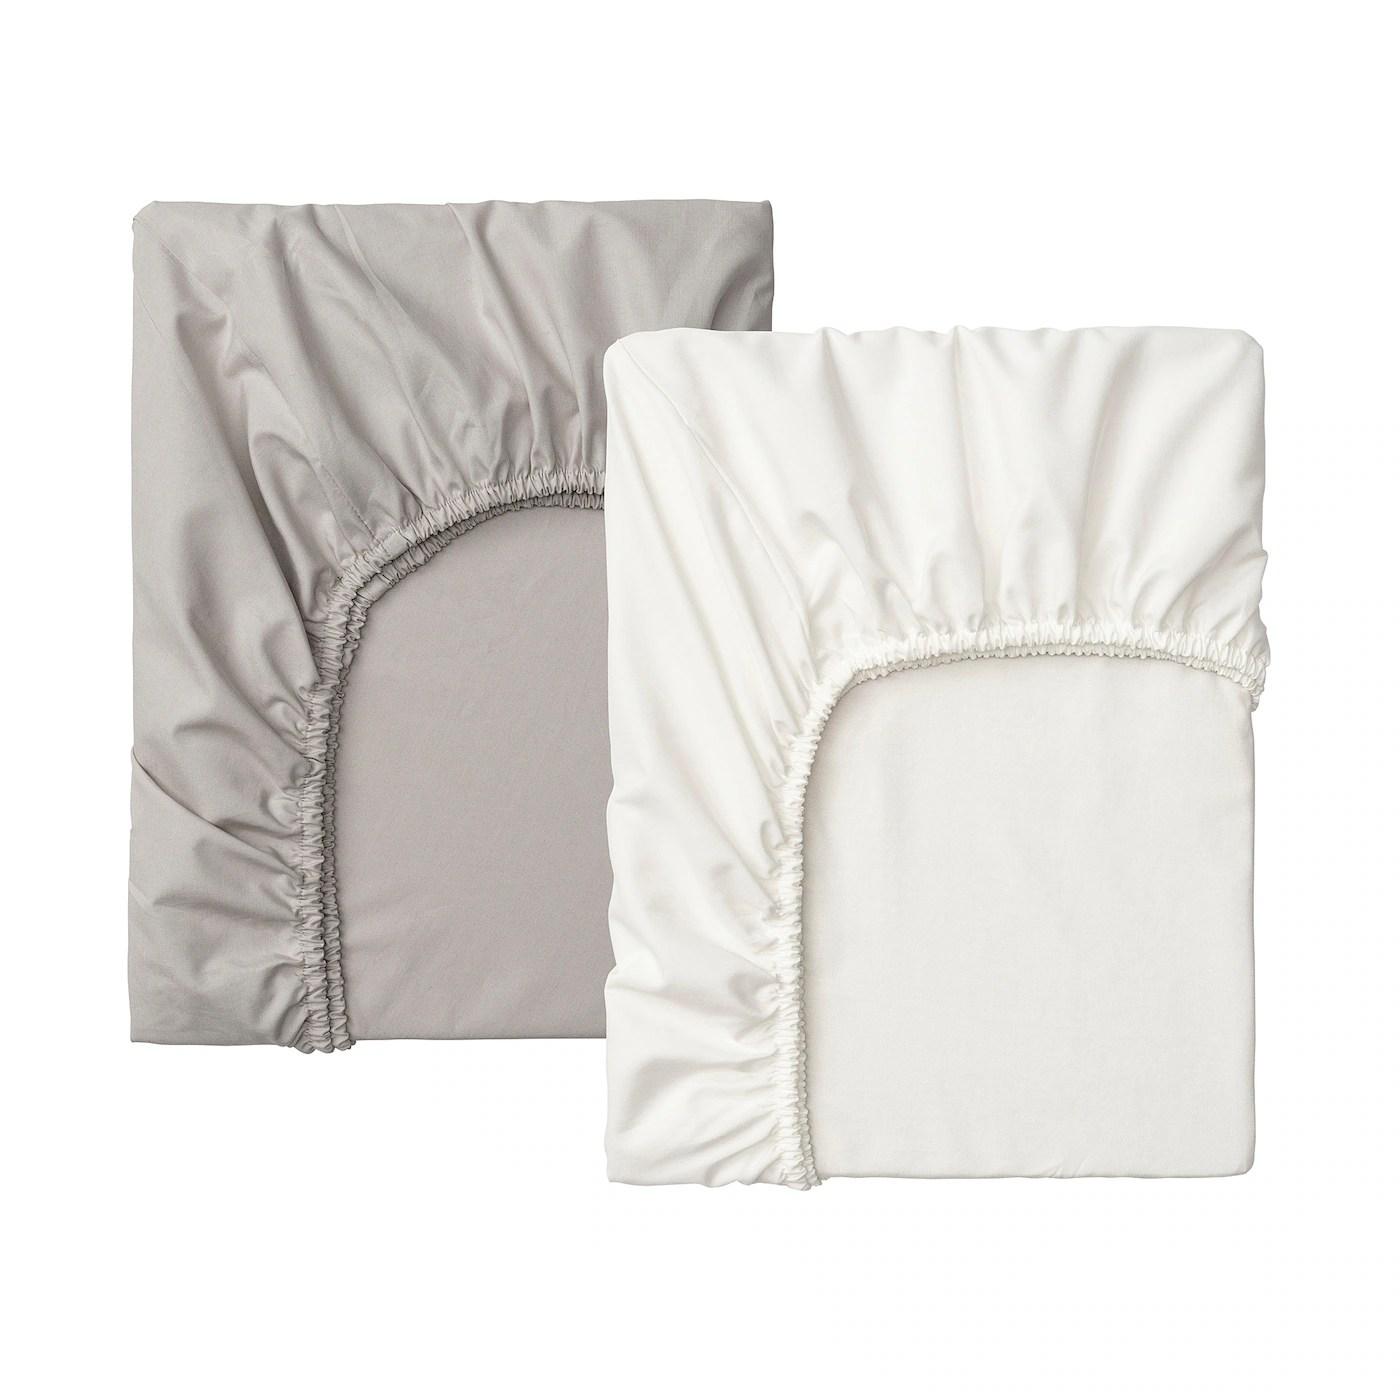 Lenast Drap Housse Pour Lit Bebe Blanc Gris 60x120 Cm Ikea